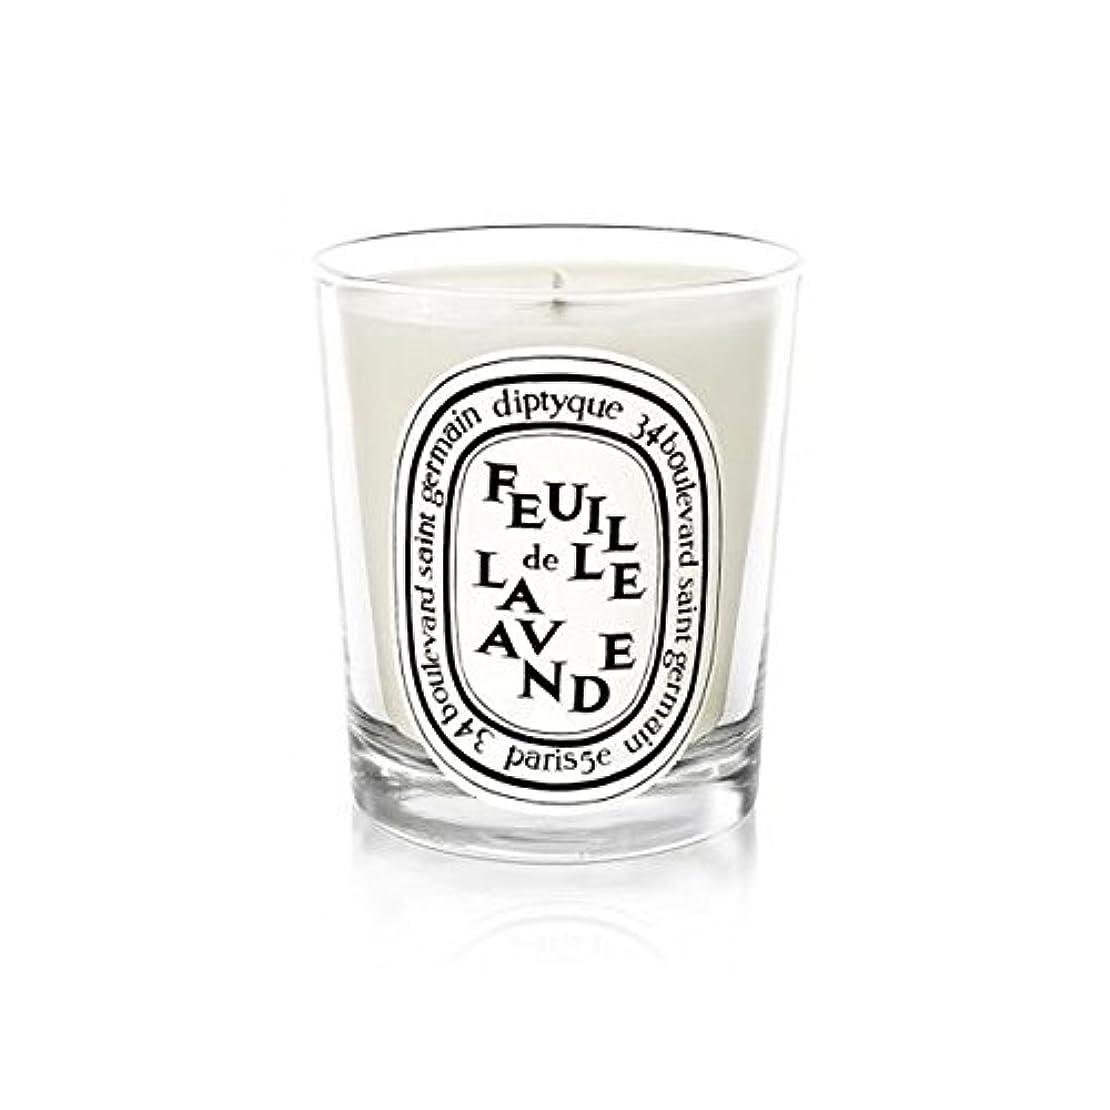 真面目な敷居不均一DiptyqueキャンドルFeuilleデラバンデ/ラベンダーの葉70グラム - Diptyque Candle Feuille De Lavande / Lavender Leaf 70g (Diptyque) [並行輸入品]